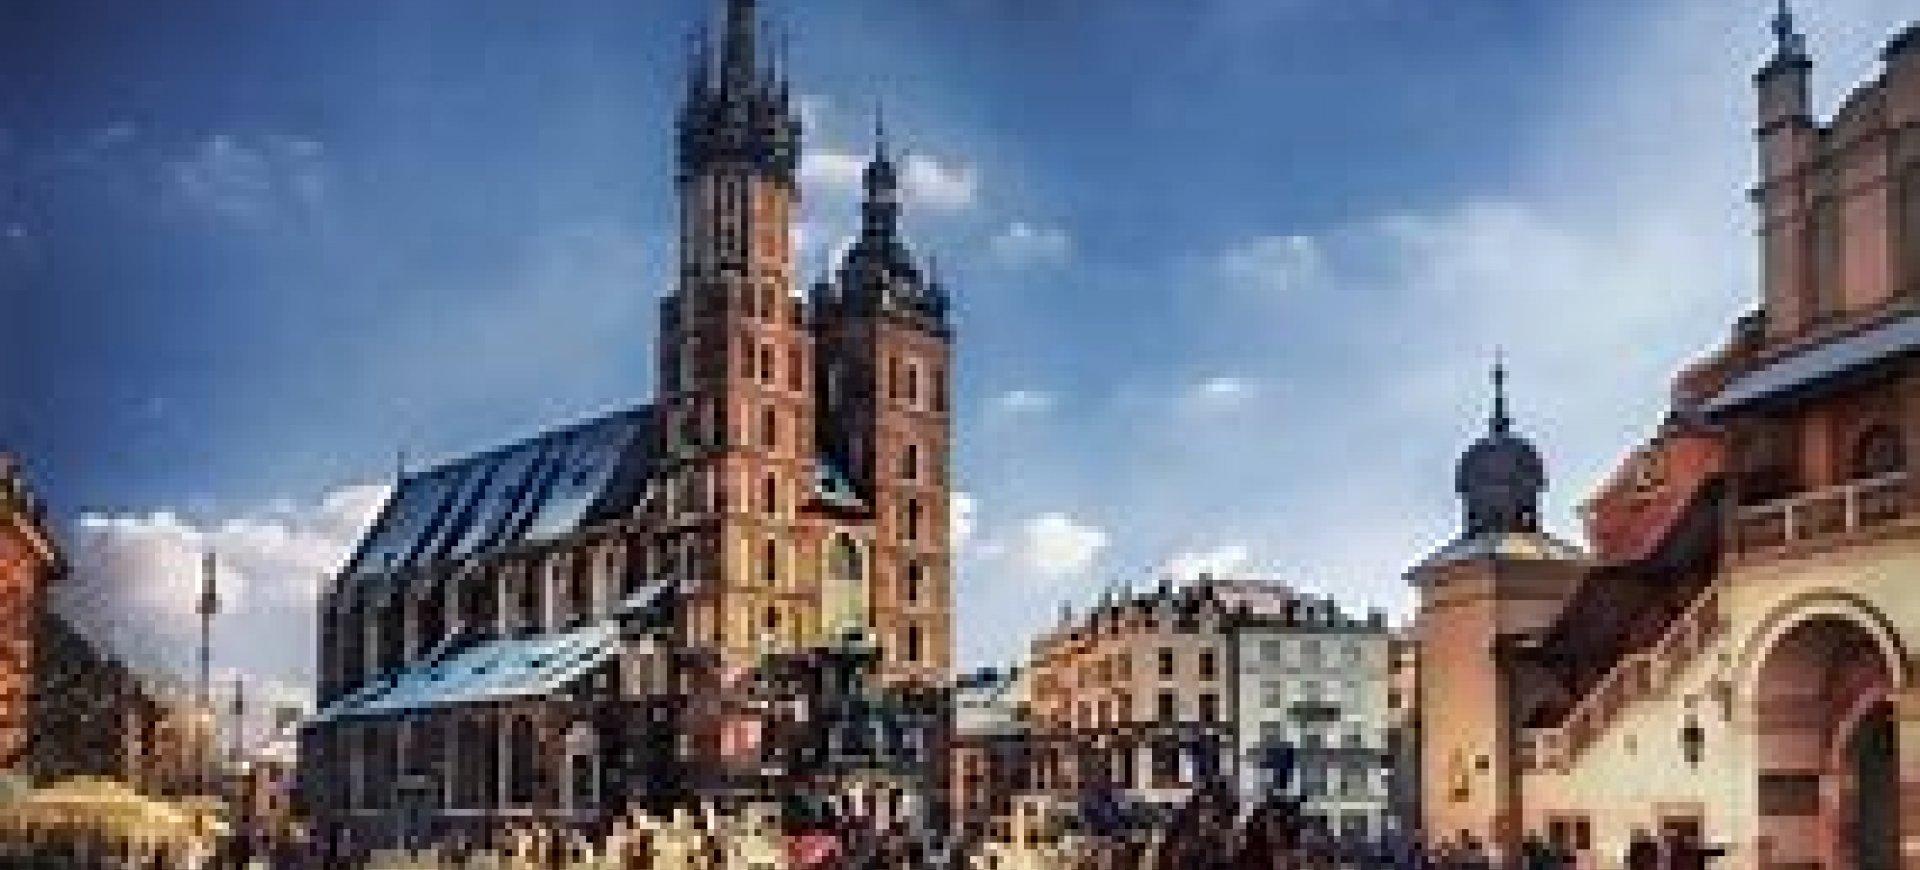 Wakacje w pakiecie 8 - dniowym Kraków - Zawoja